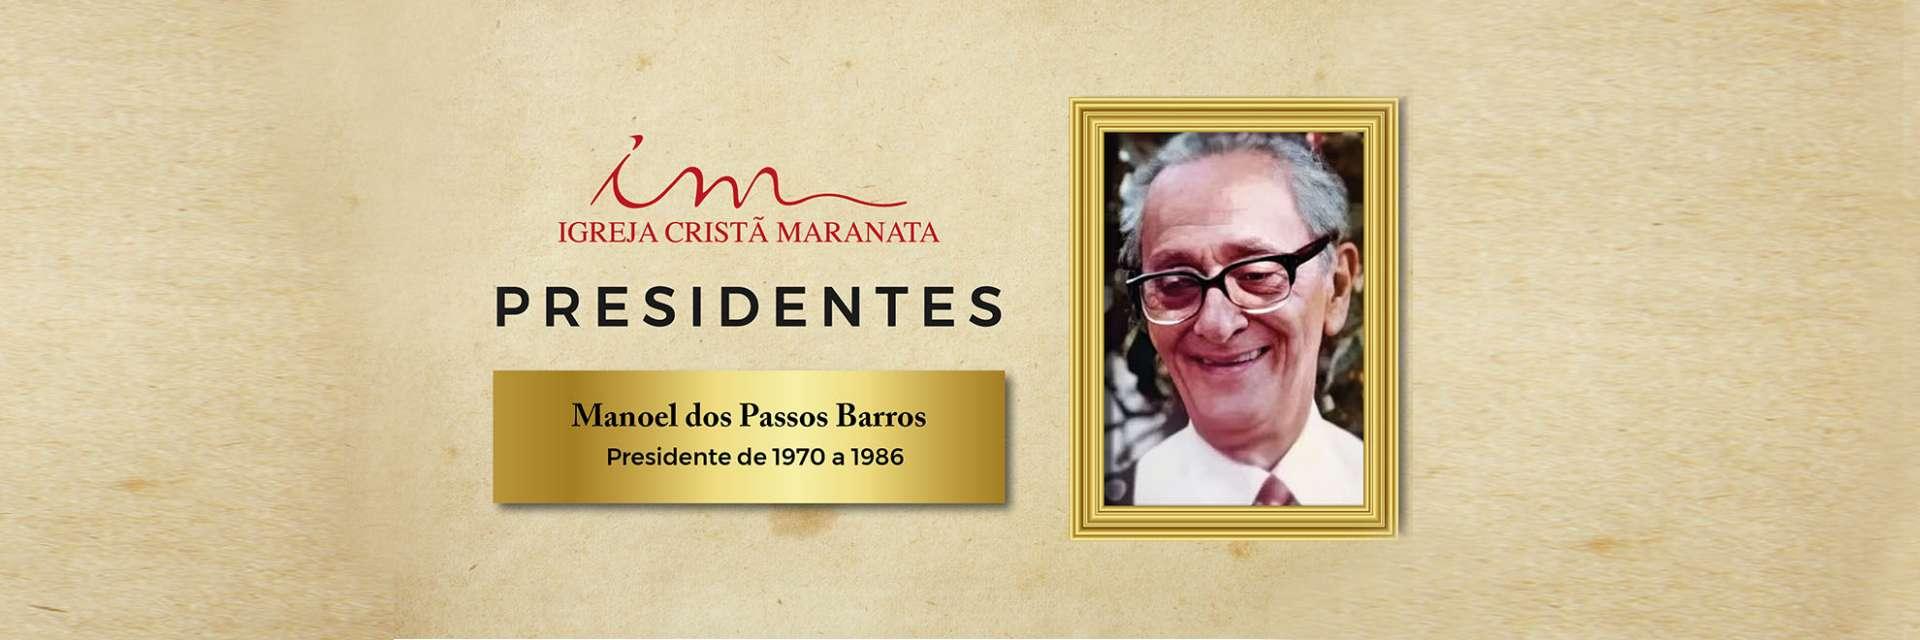 Conheça a história do primeiro Presidente da Igreja Cristã Maranata: Manoel dos Passos Barros